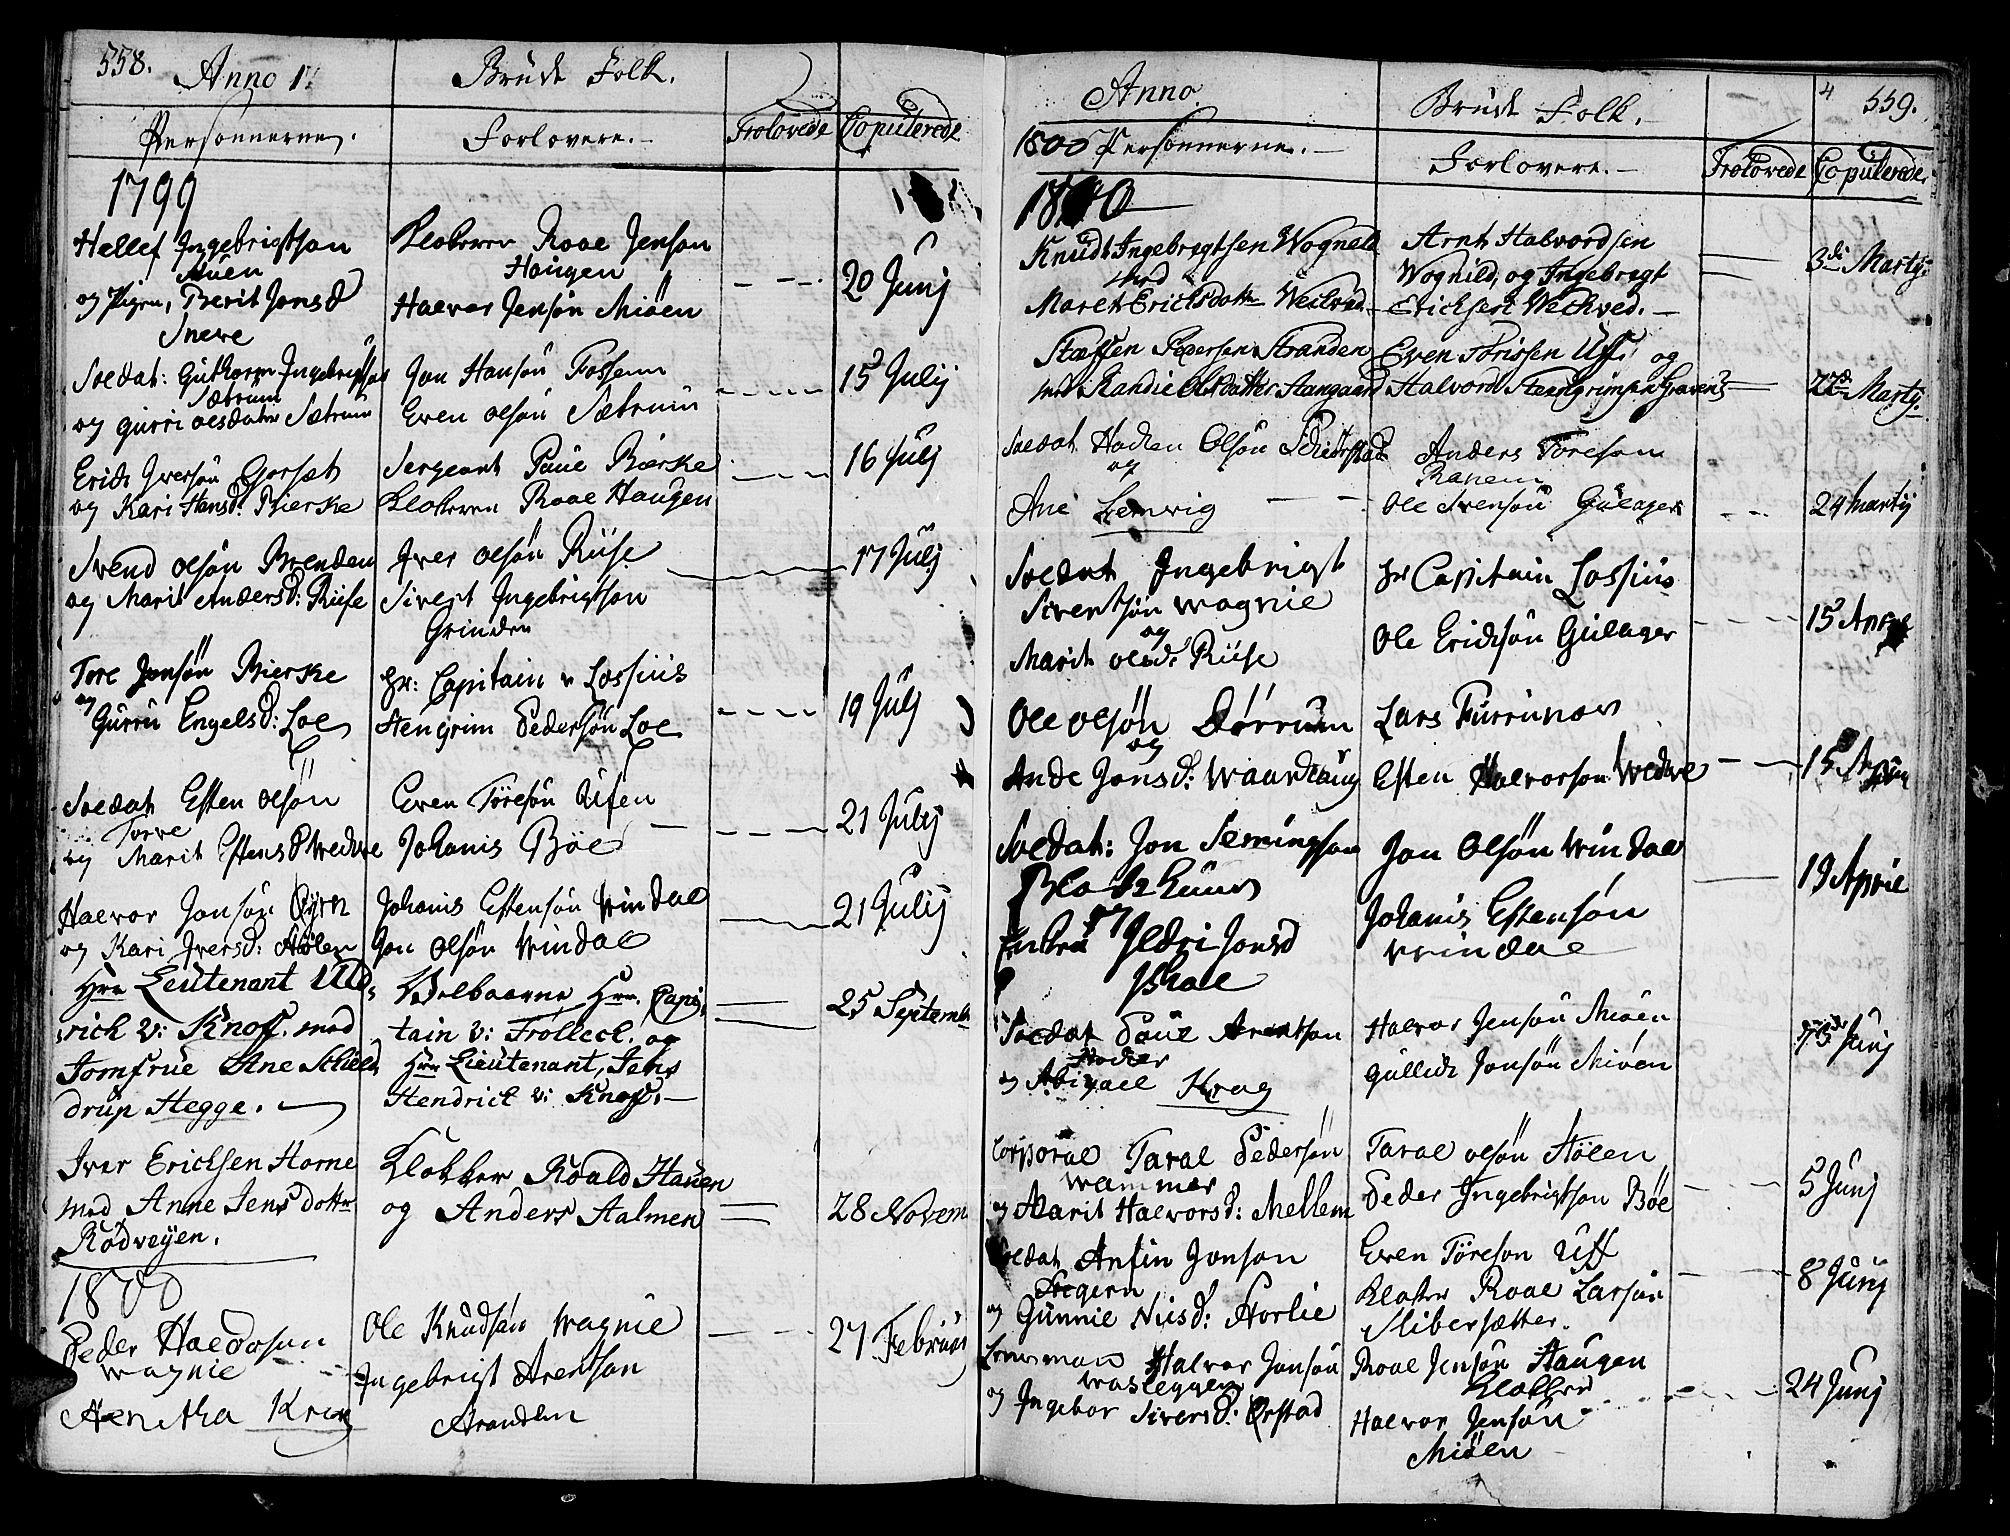 SAT, Ministerialprotokoller, klokkerbøker og fødselsregistre - Sør-Trøndelag, 678/L0893: Ministerialbok nr. 678A03, 1792-1805, s. 558-559